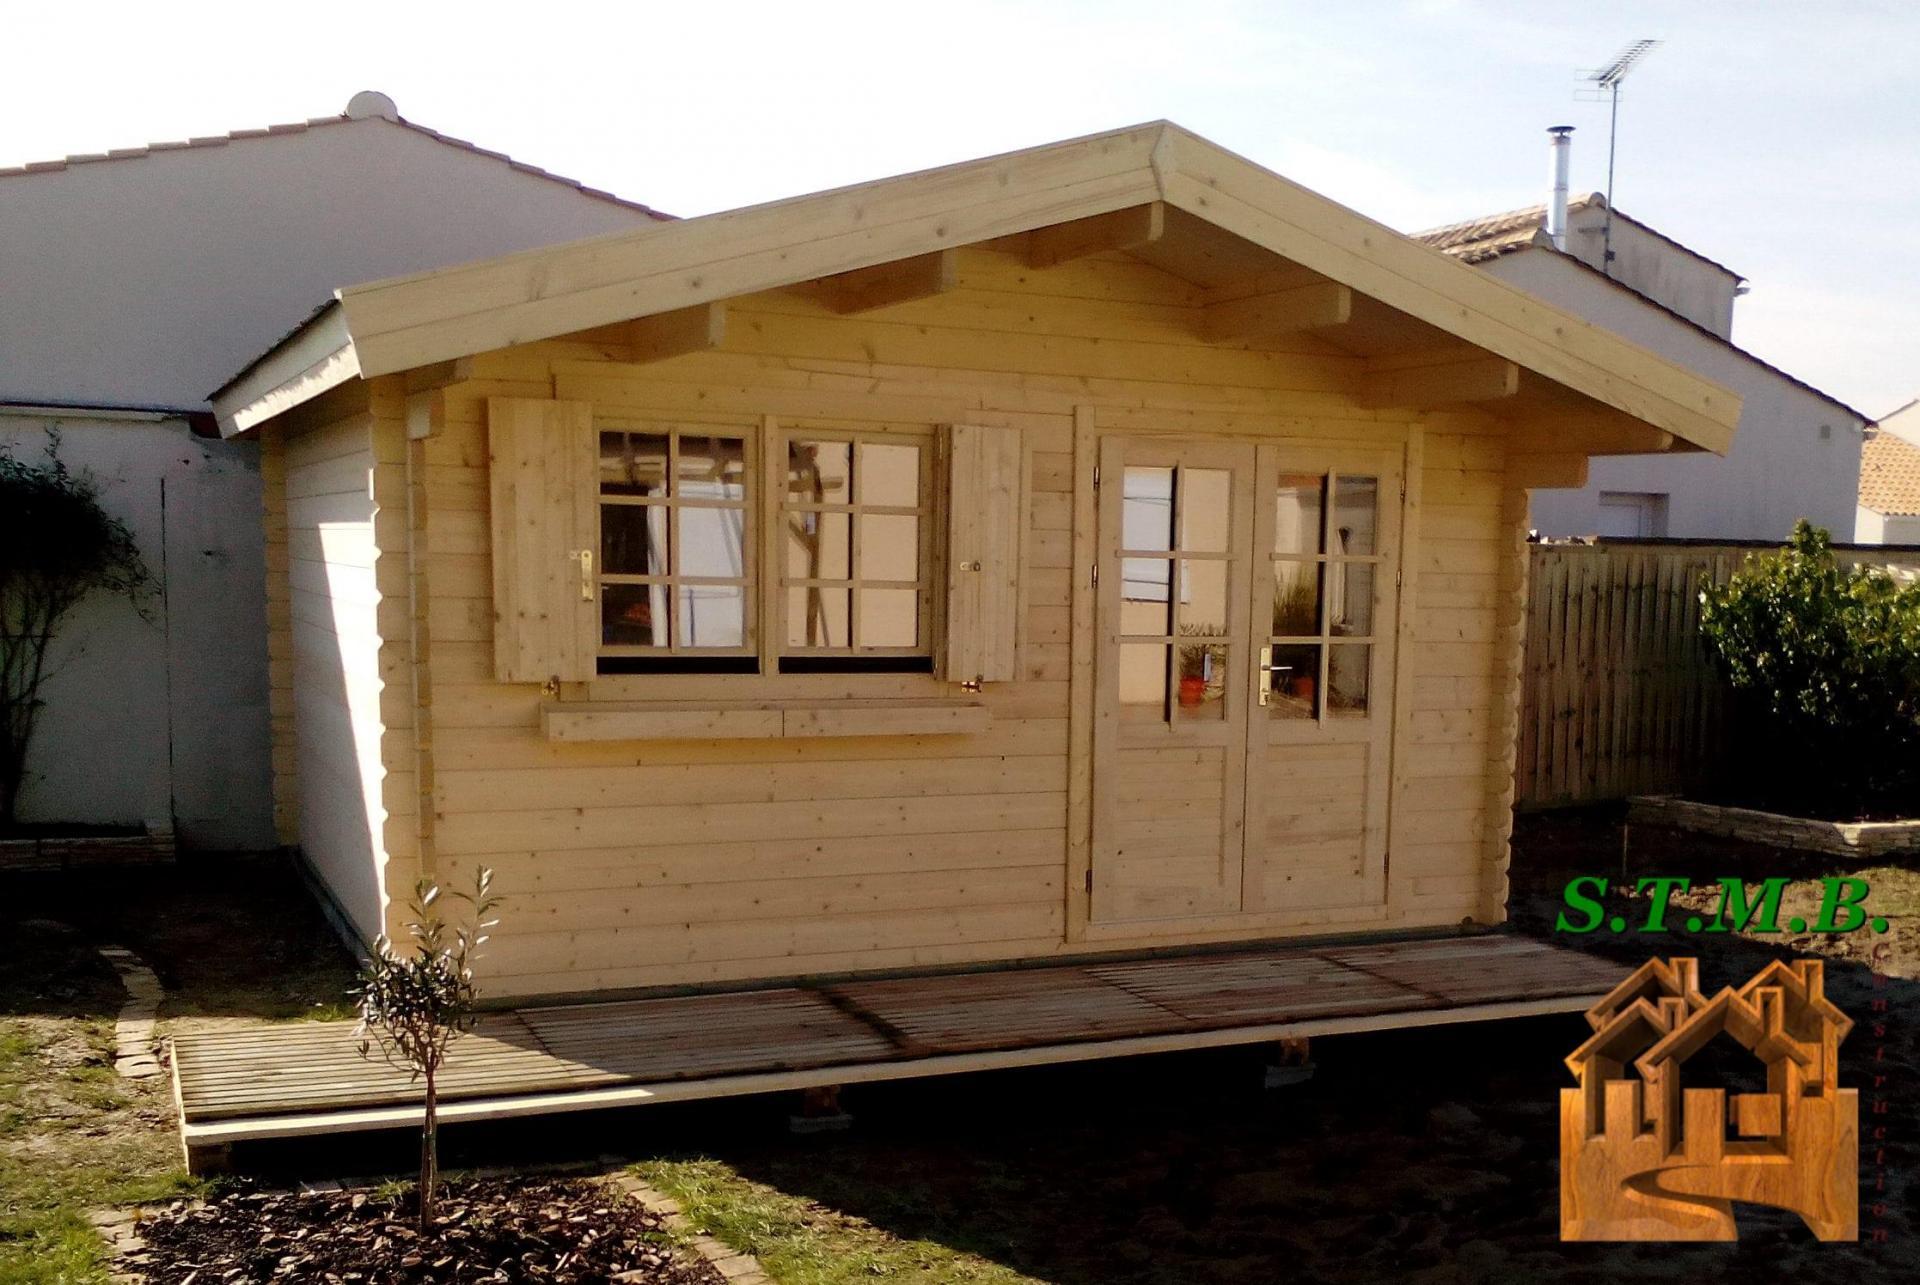 S jour en camping que choisir un chalet en bois ou un pod stmb construction for Bois construction chalet